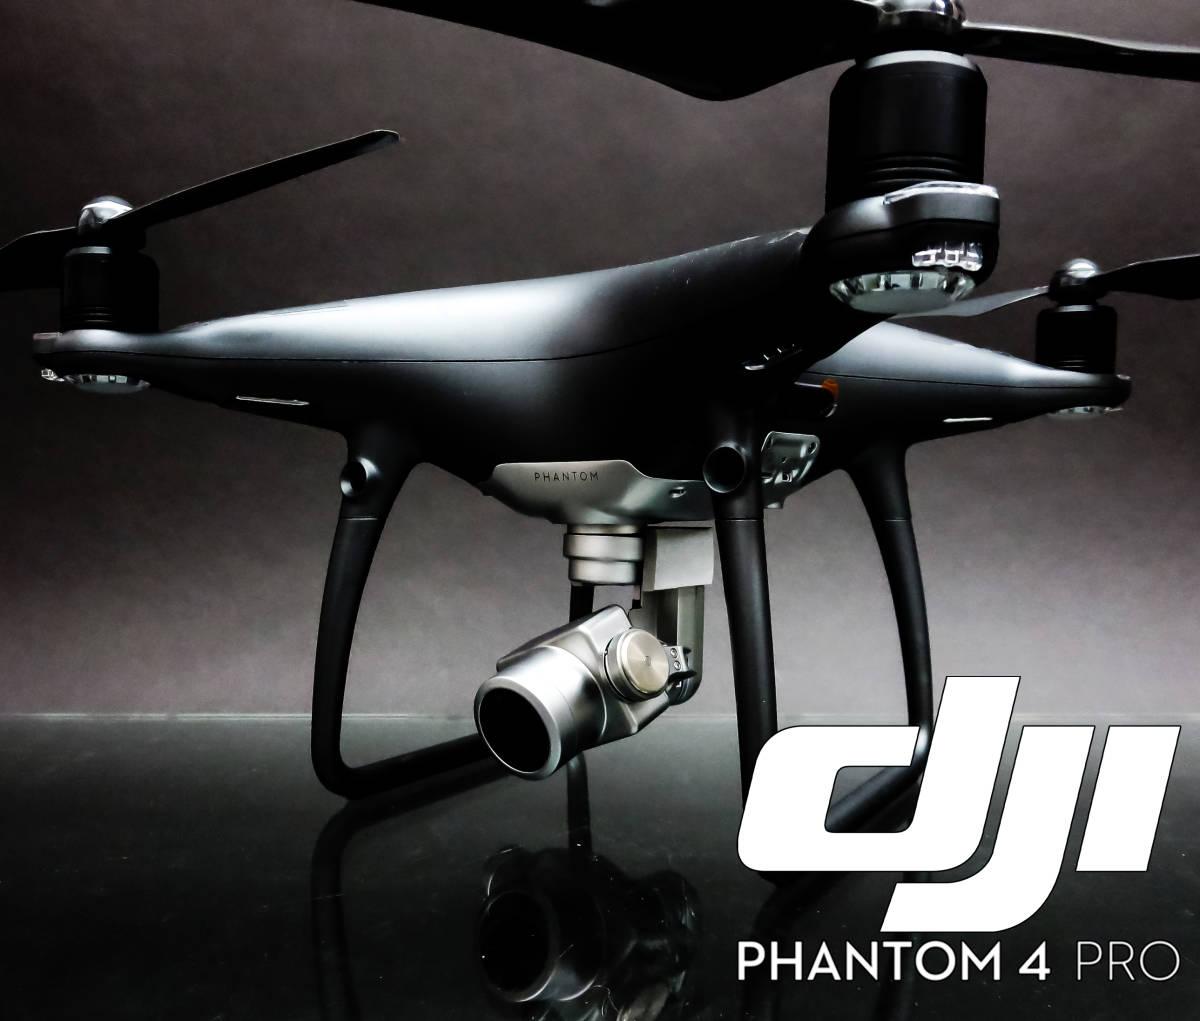 【激レア】 dji DJI PHANTOM 4 PRO 黒 ファントム 飛行時間 8分 豪華セット OBSIDIAN オ